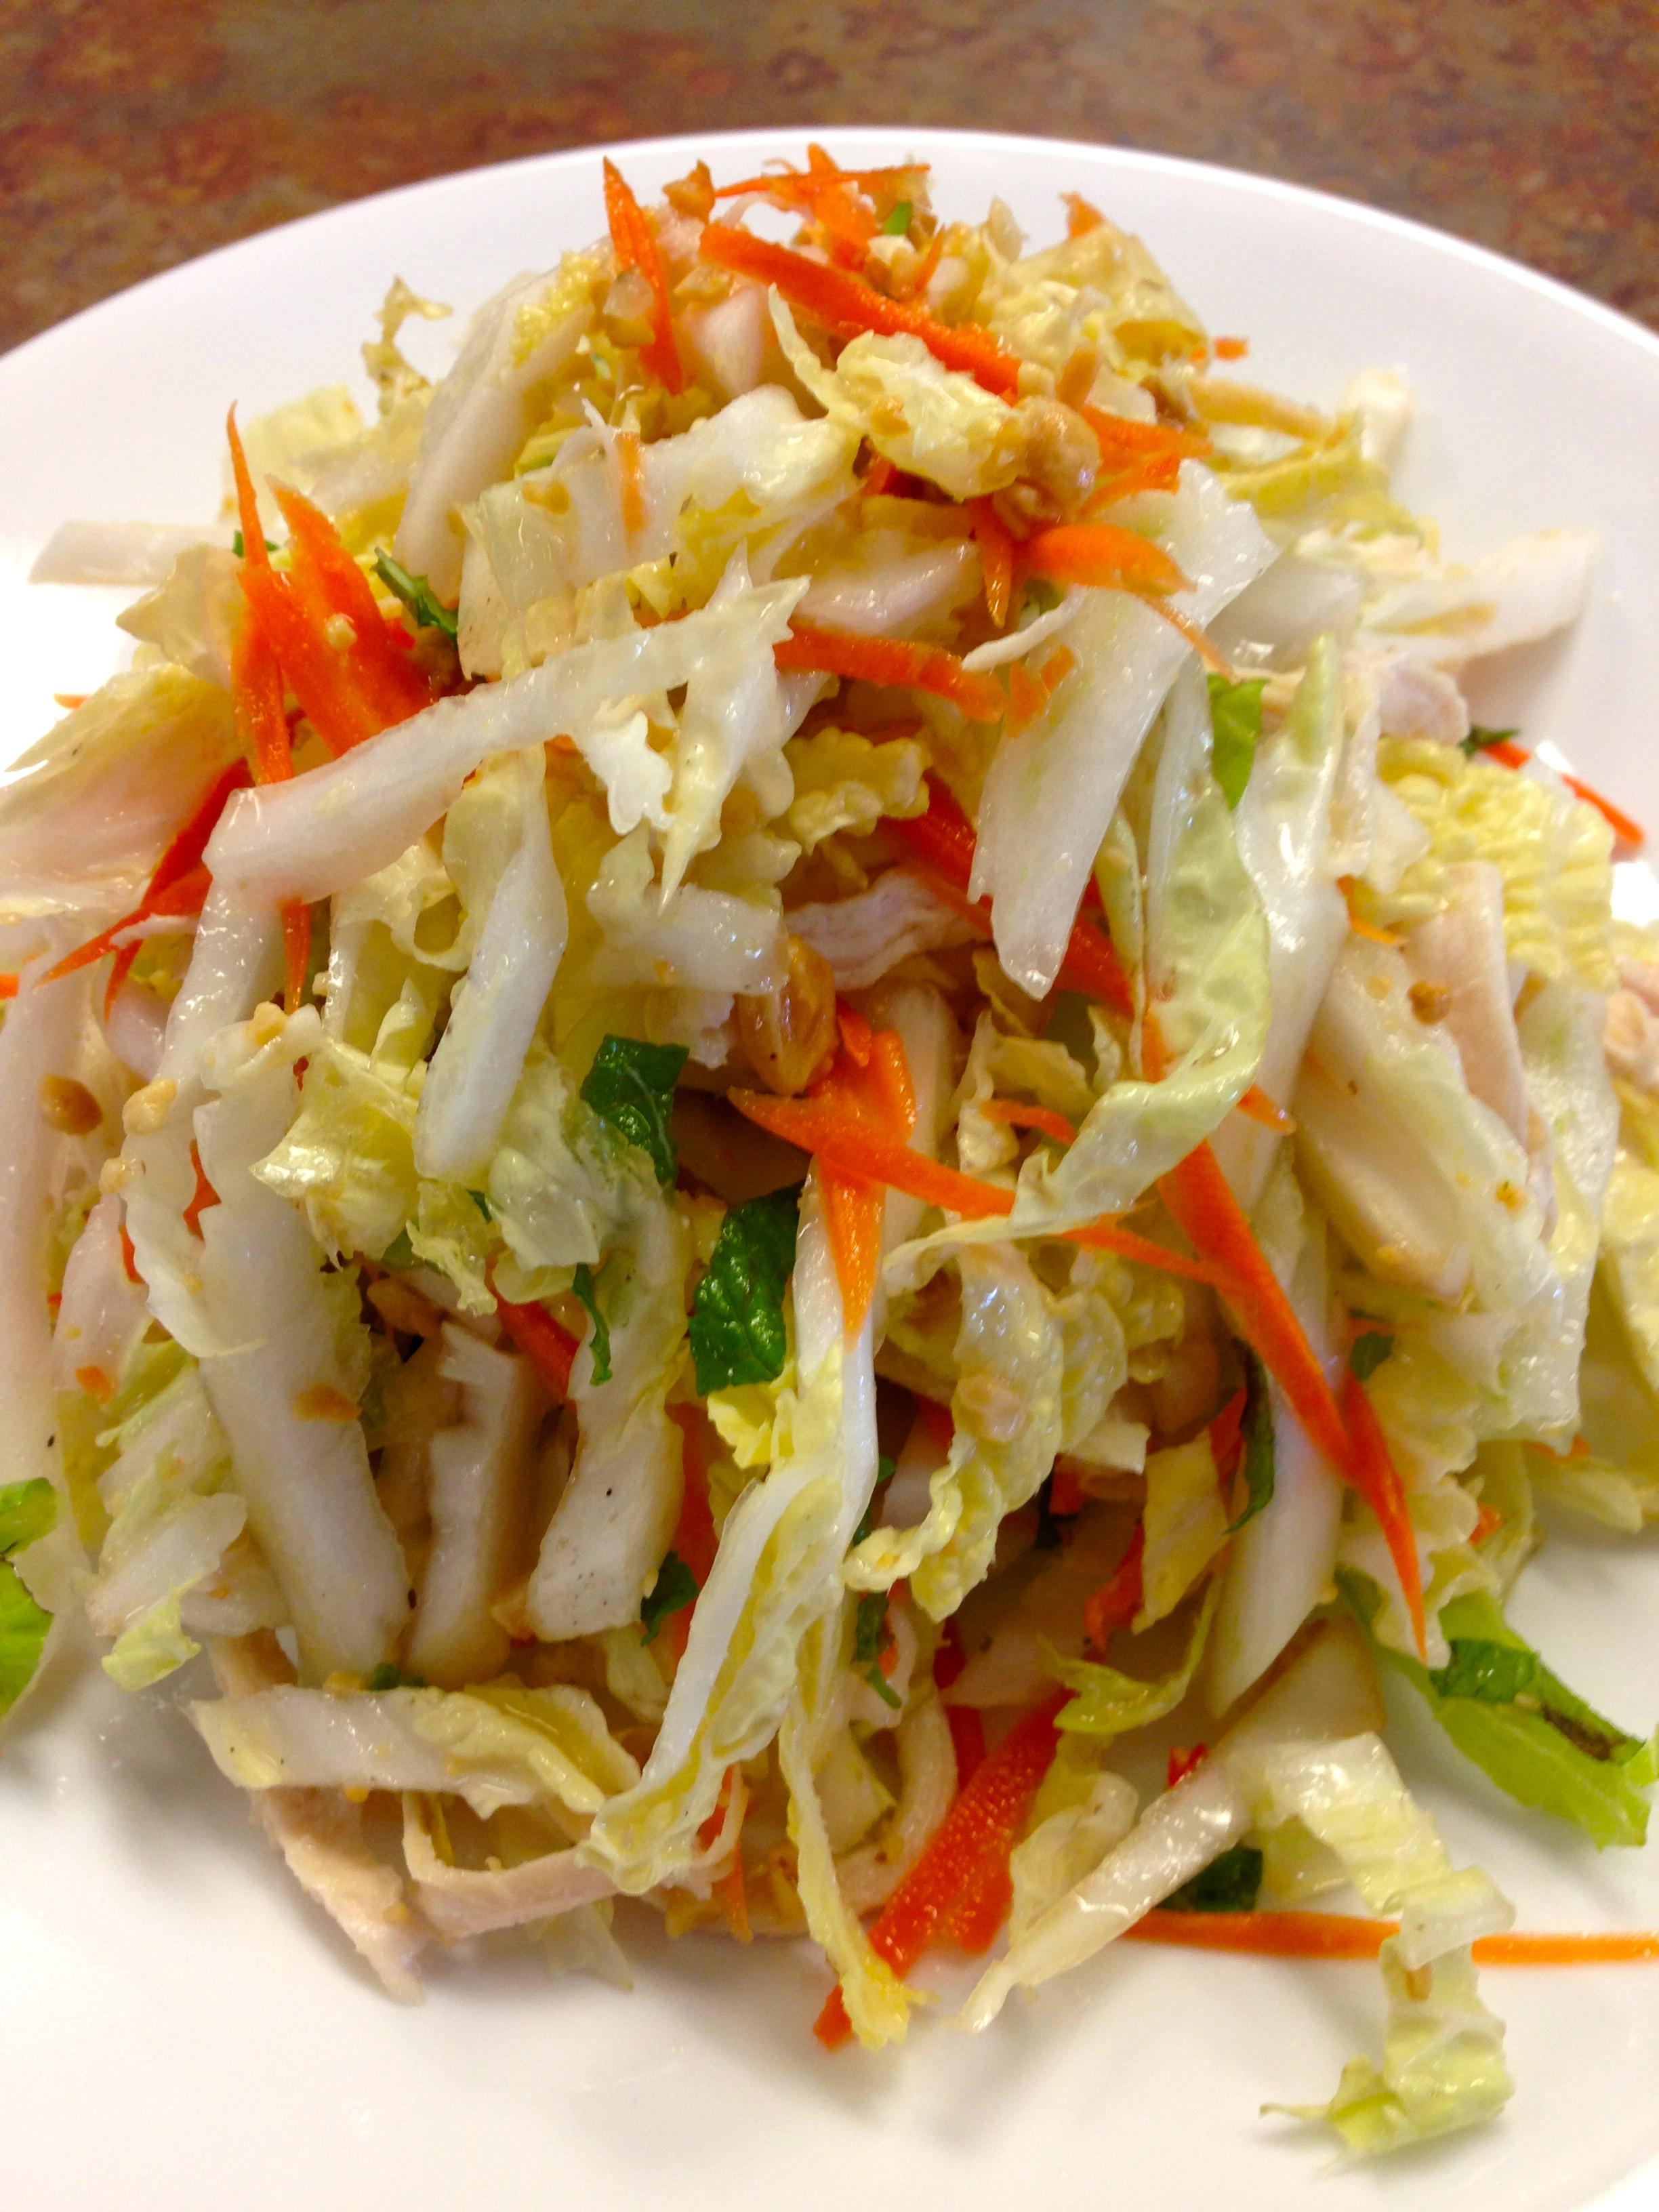 #10 THAI SALAD